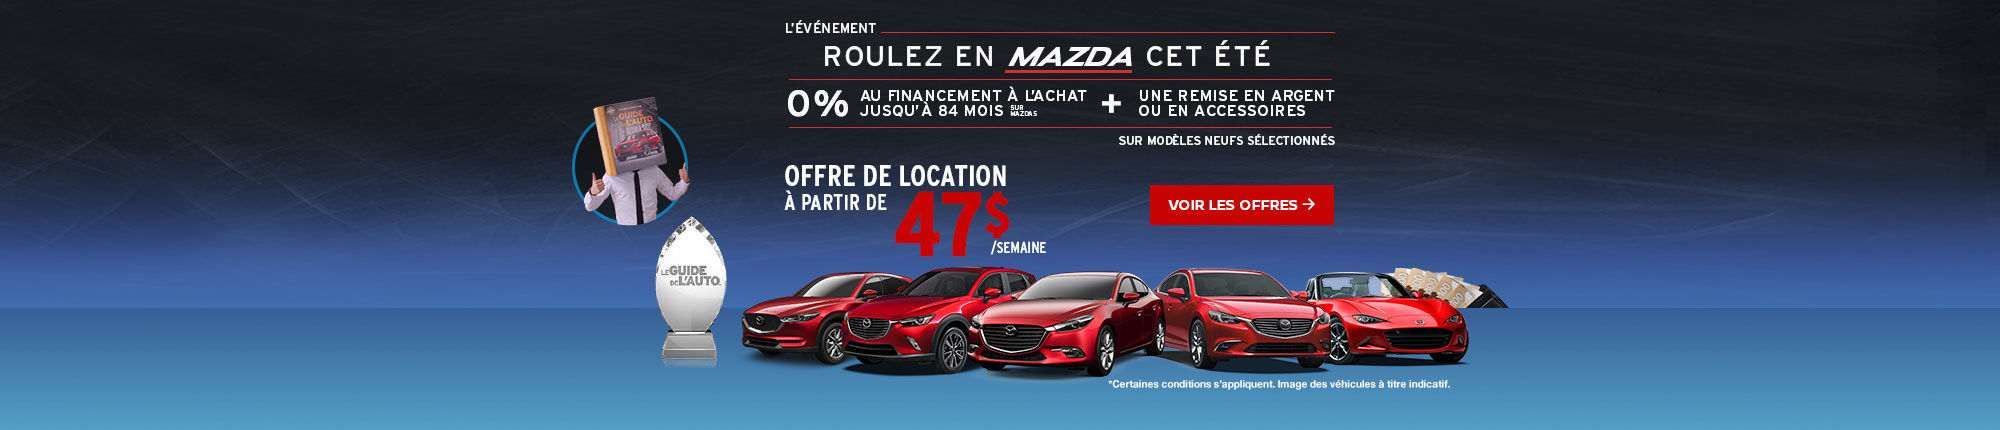 Roulez en Mazda cet été